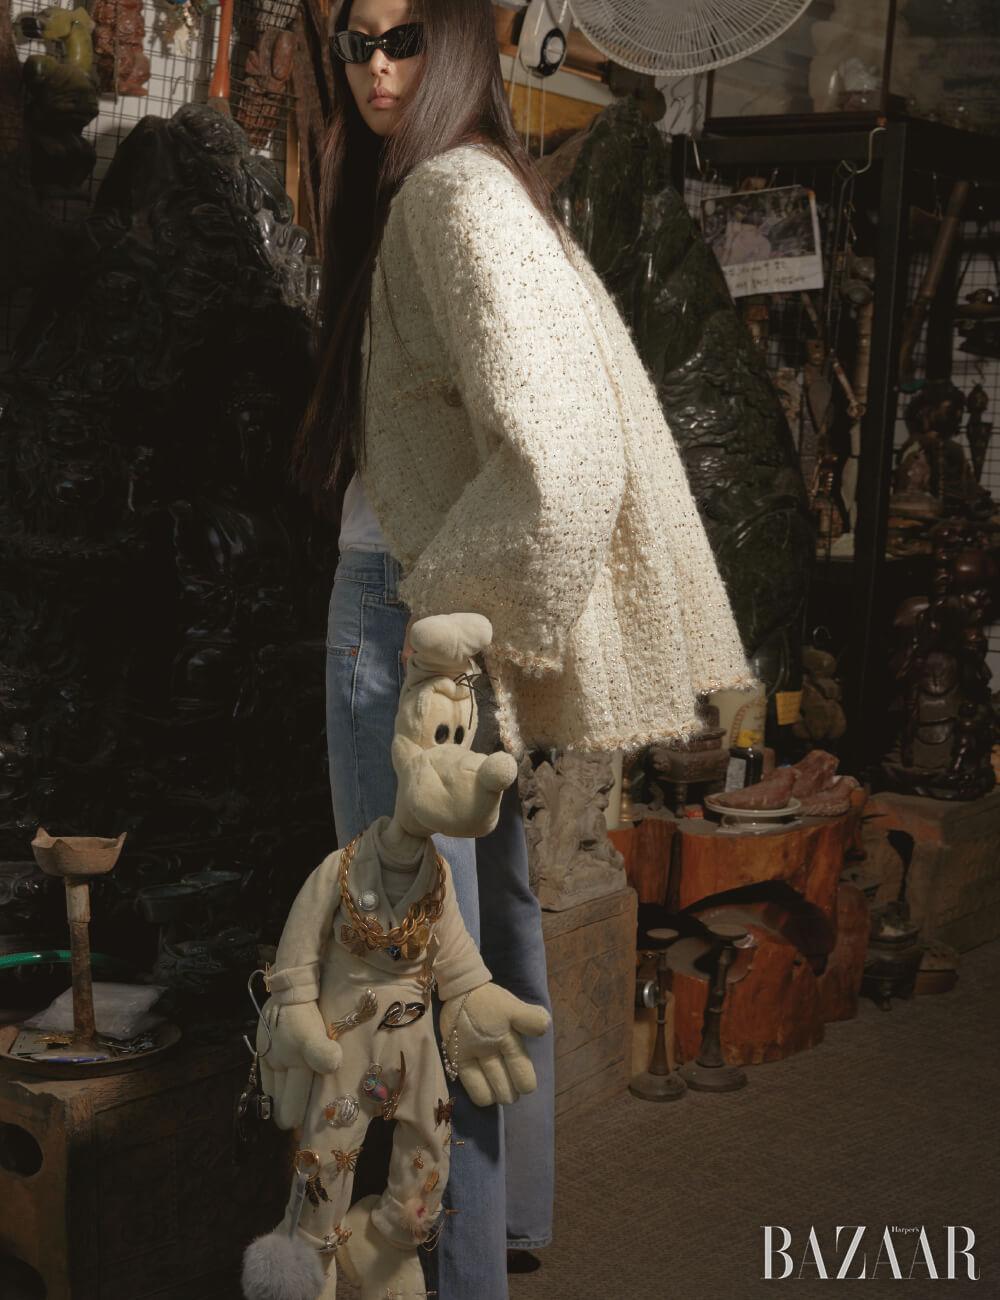 재킷은 Chanel, 톱은 Alaïa by 10 Corso Como, 빈티지 501 데님 팬츠는 Dongmyo Flea Market, 선글라스는 33만원 Gentle Monster.